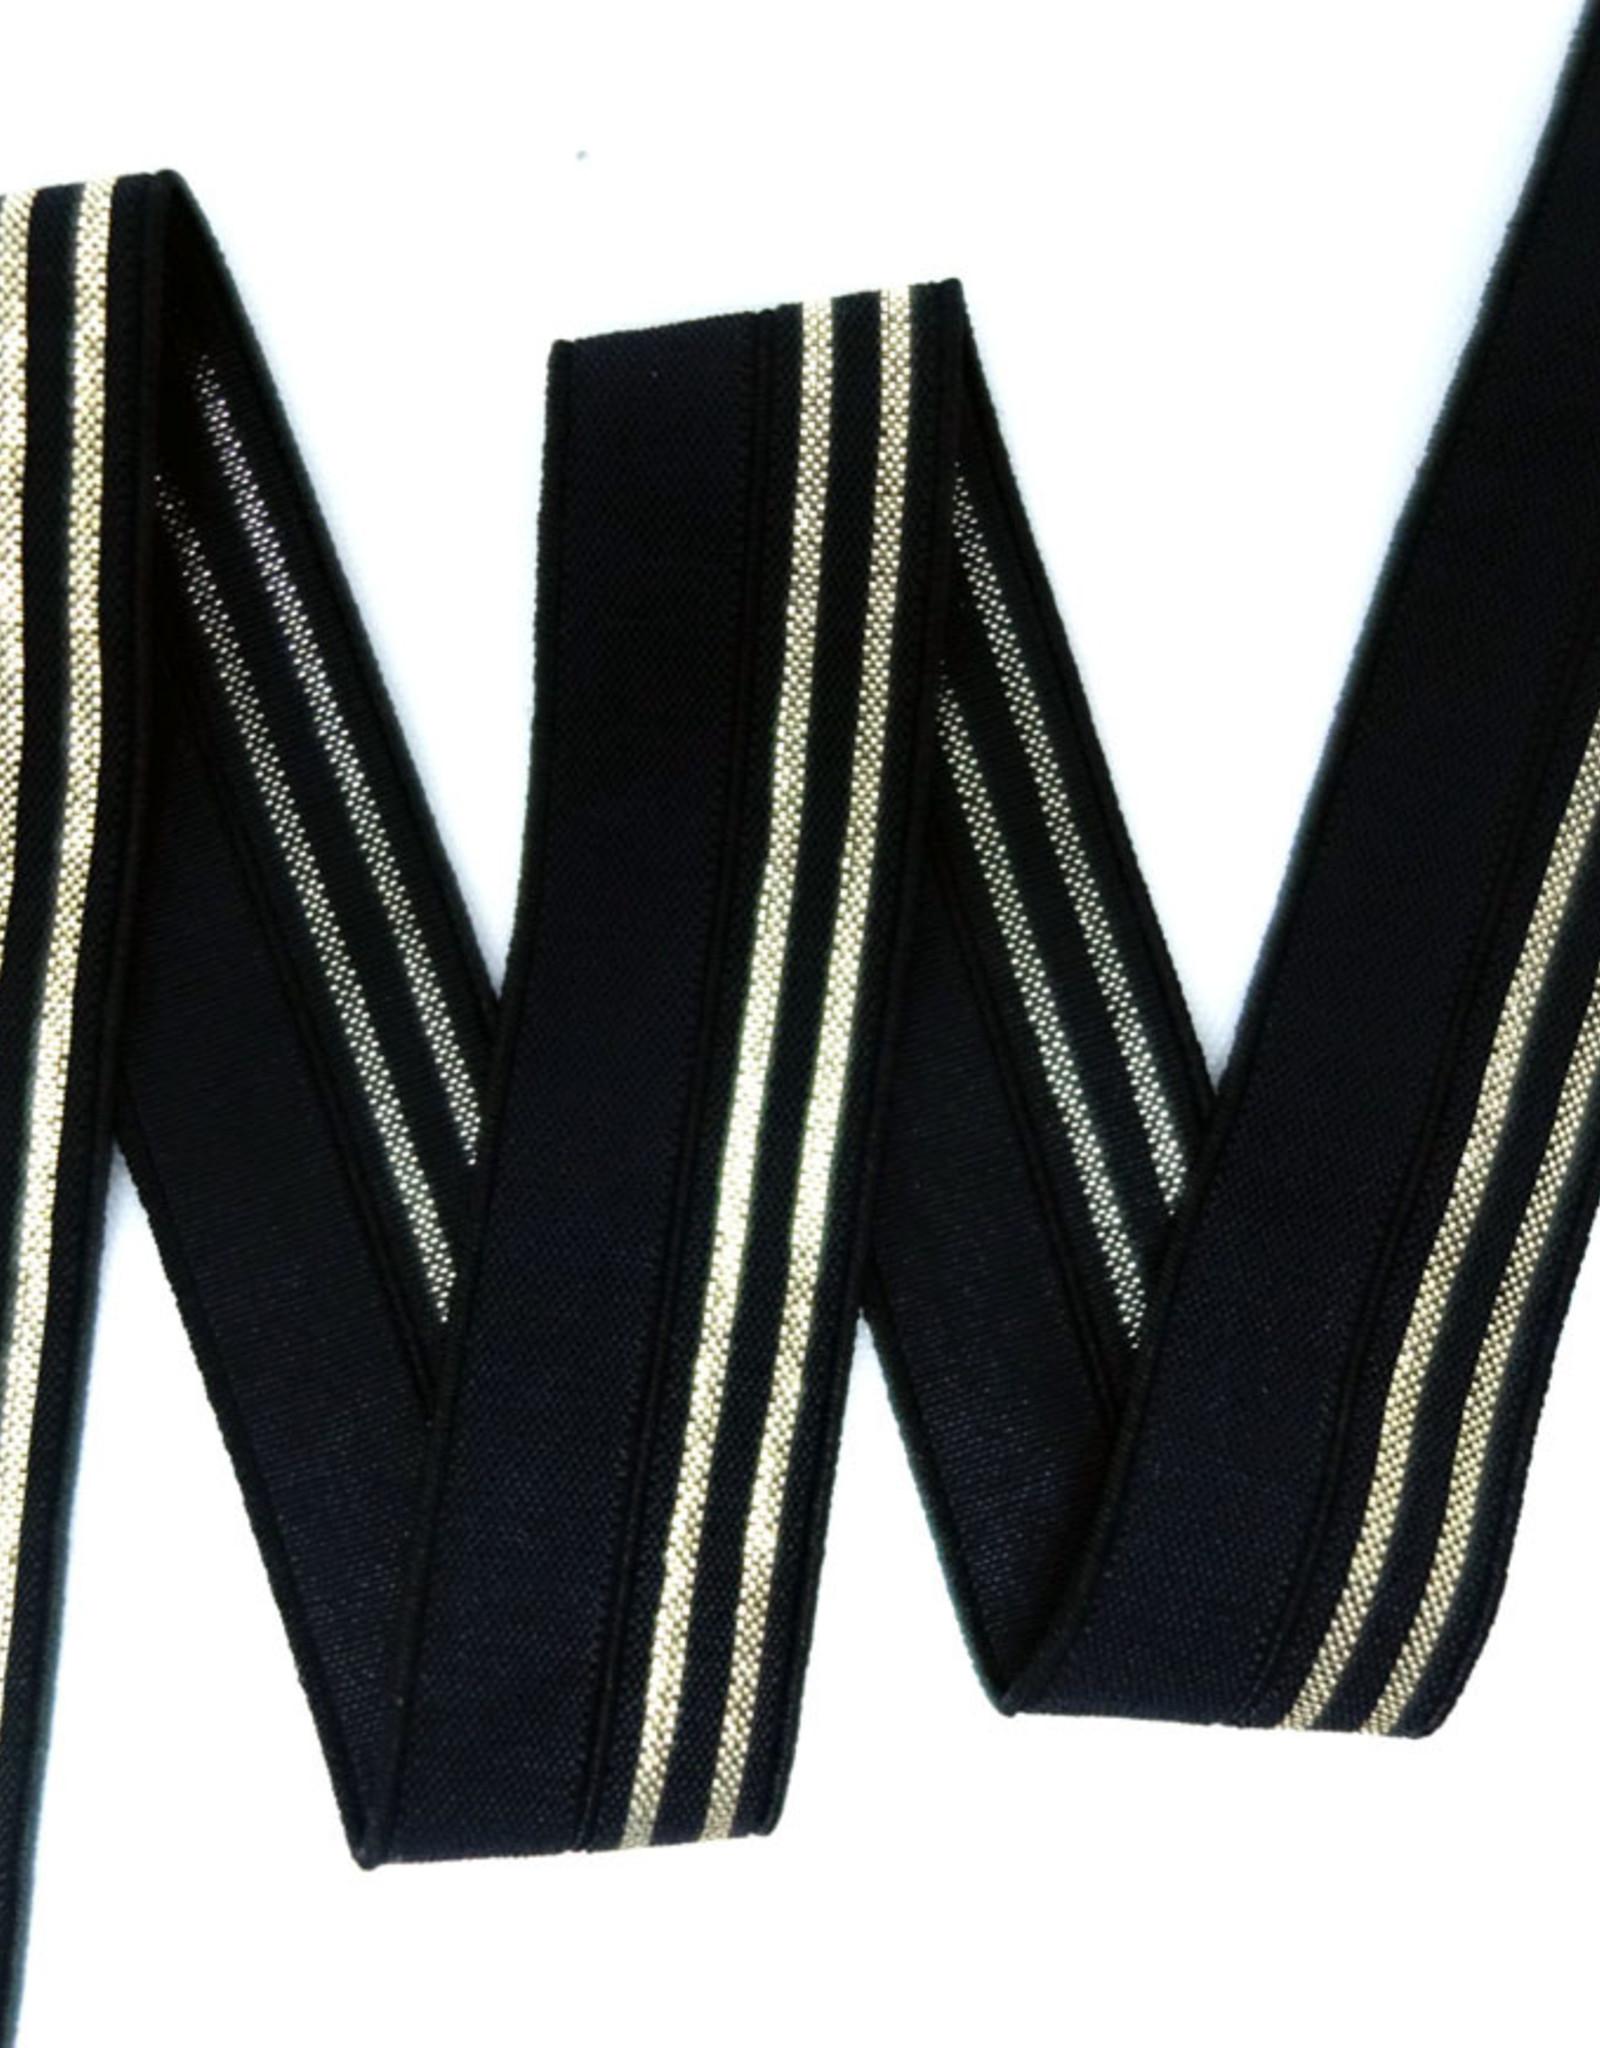 Elastisch biaislint 16mm zwart met 2 zilveren lijnen